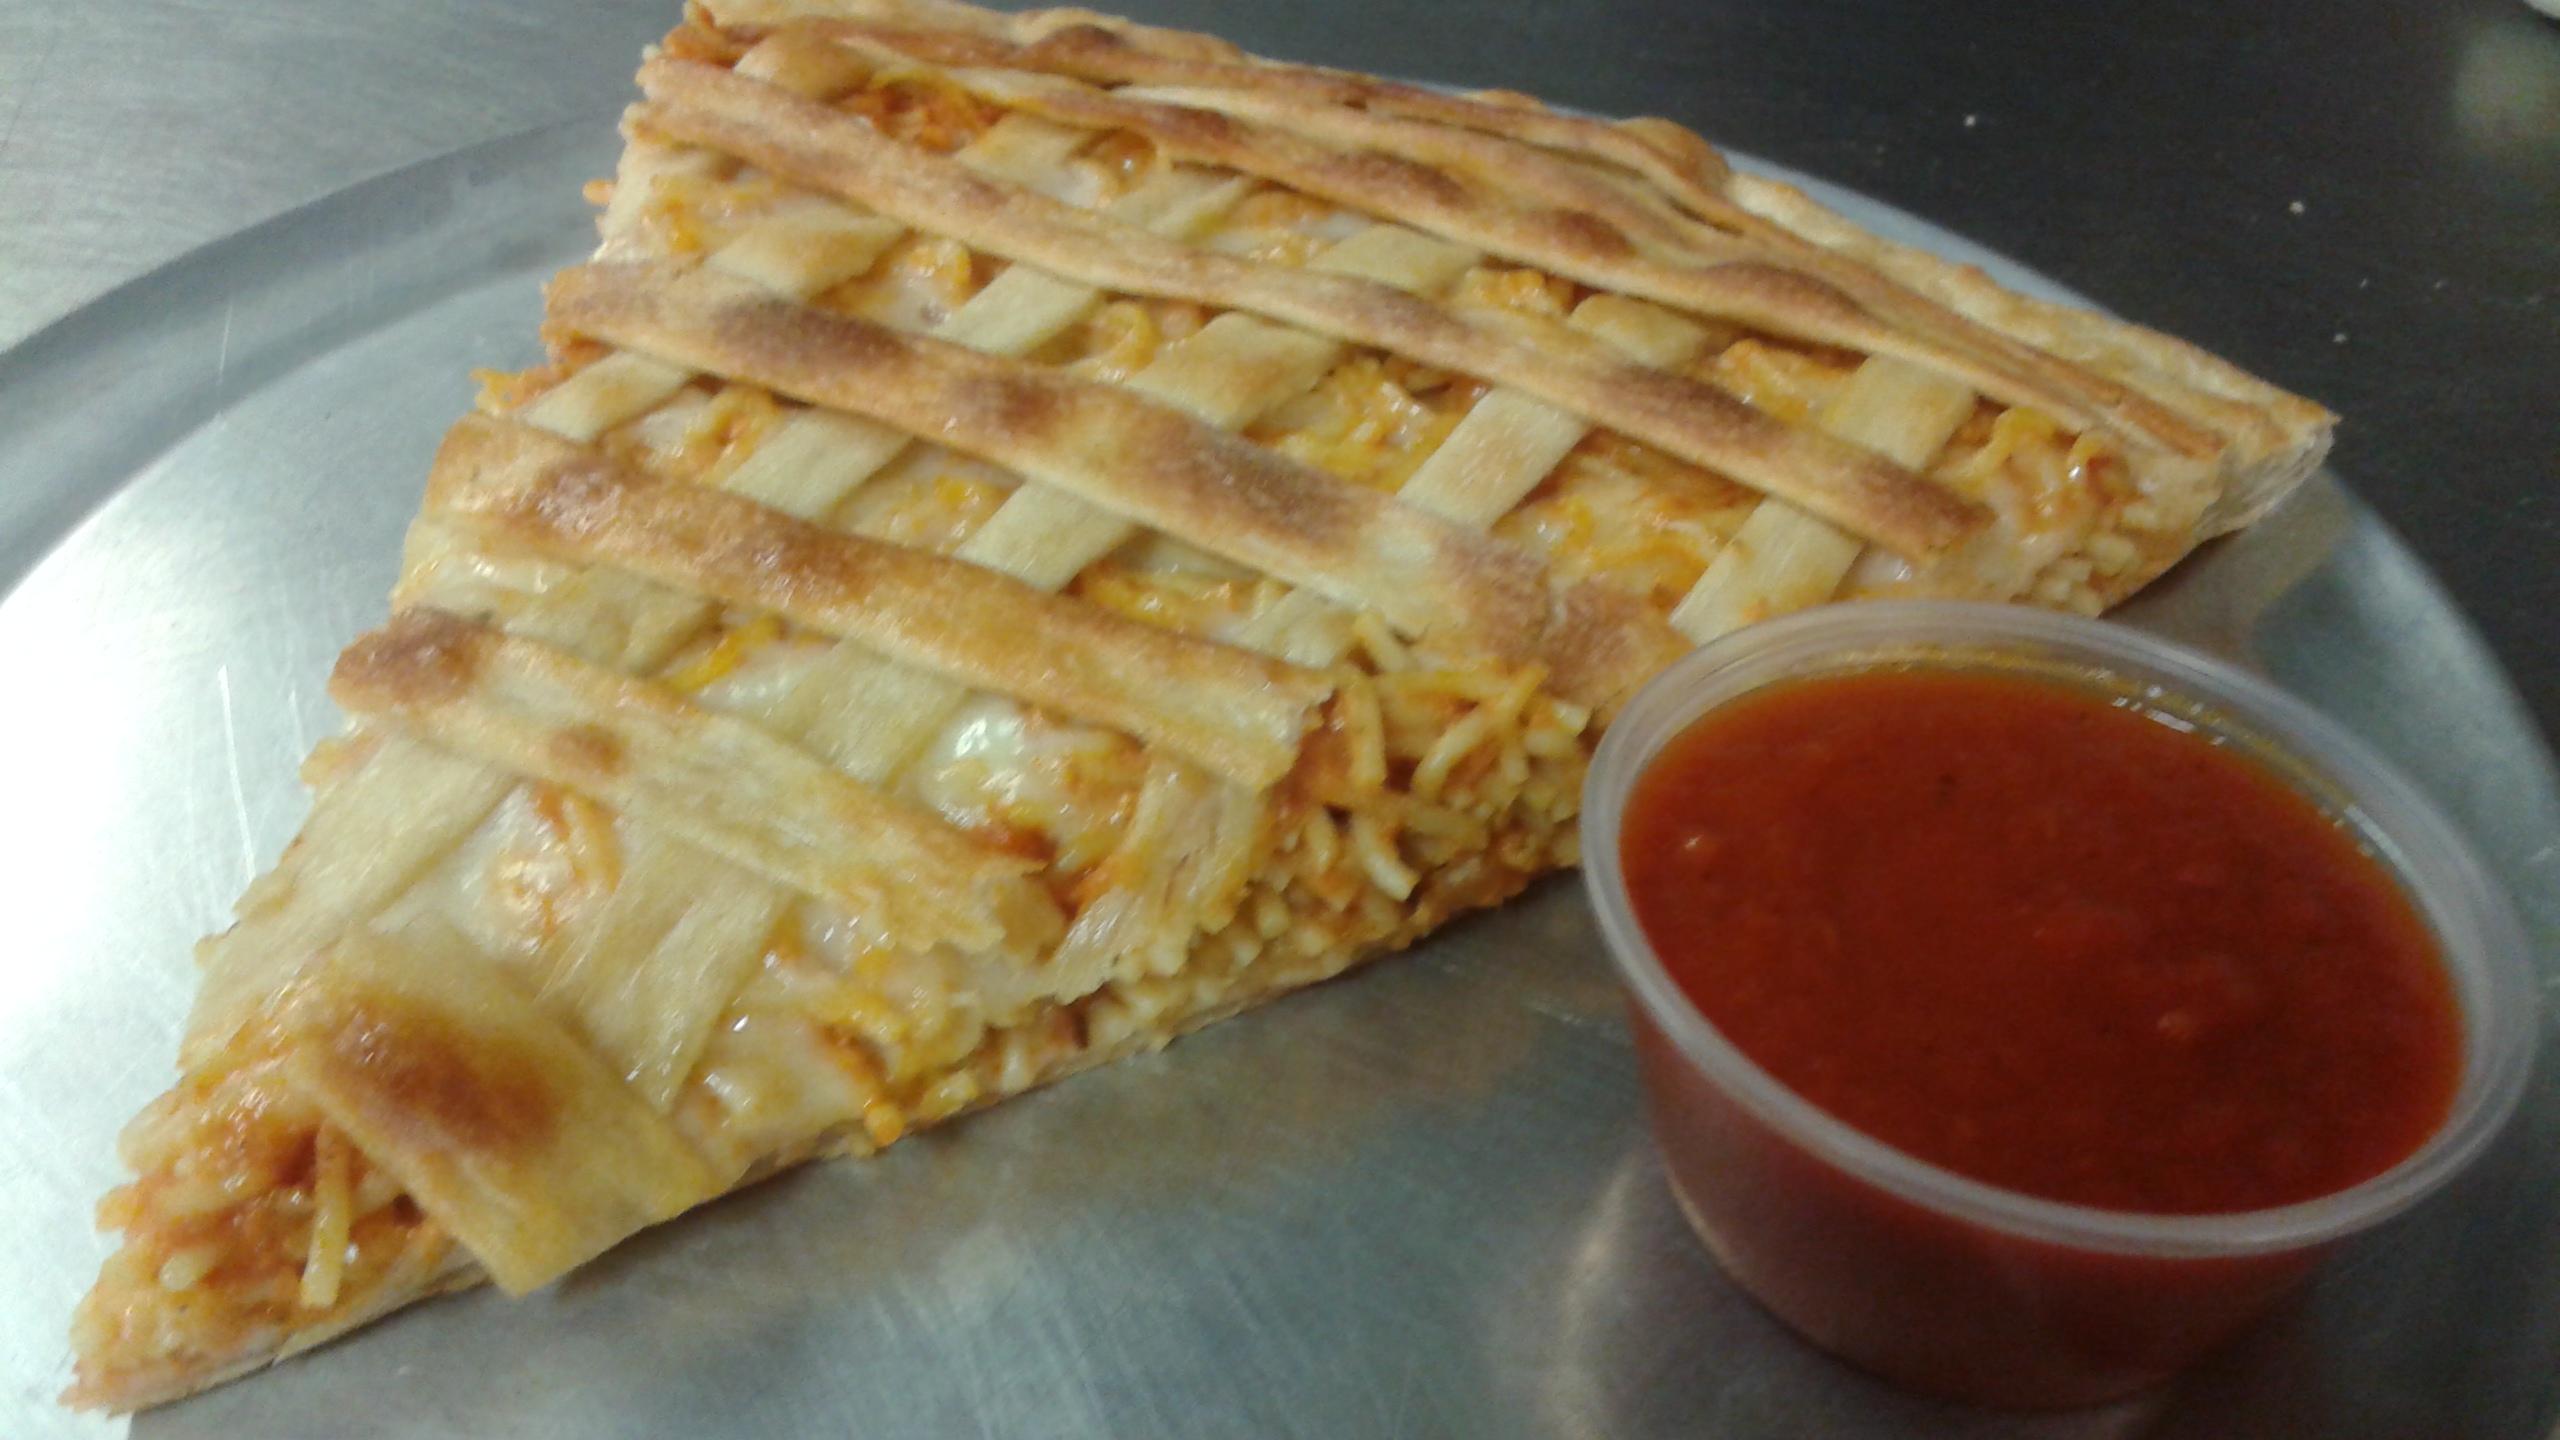 Spaghetti Pizza Slice Image